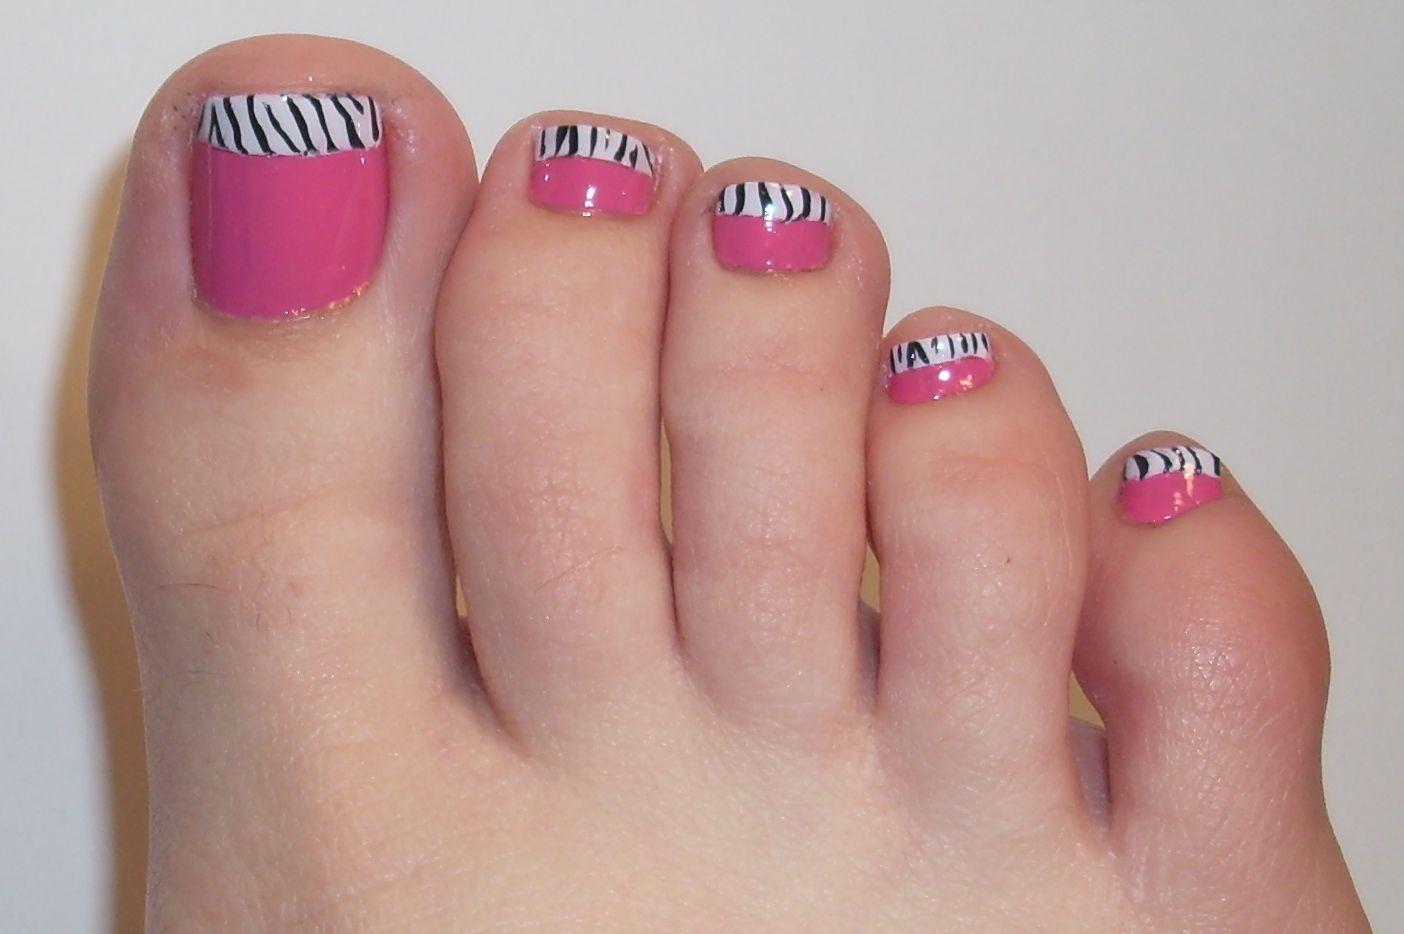 toenails grew long